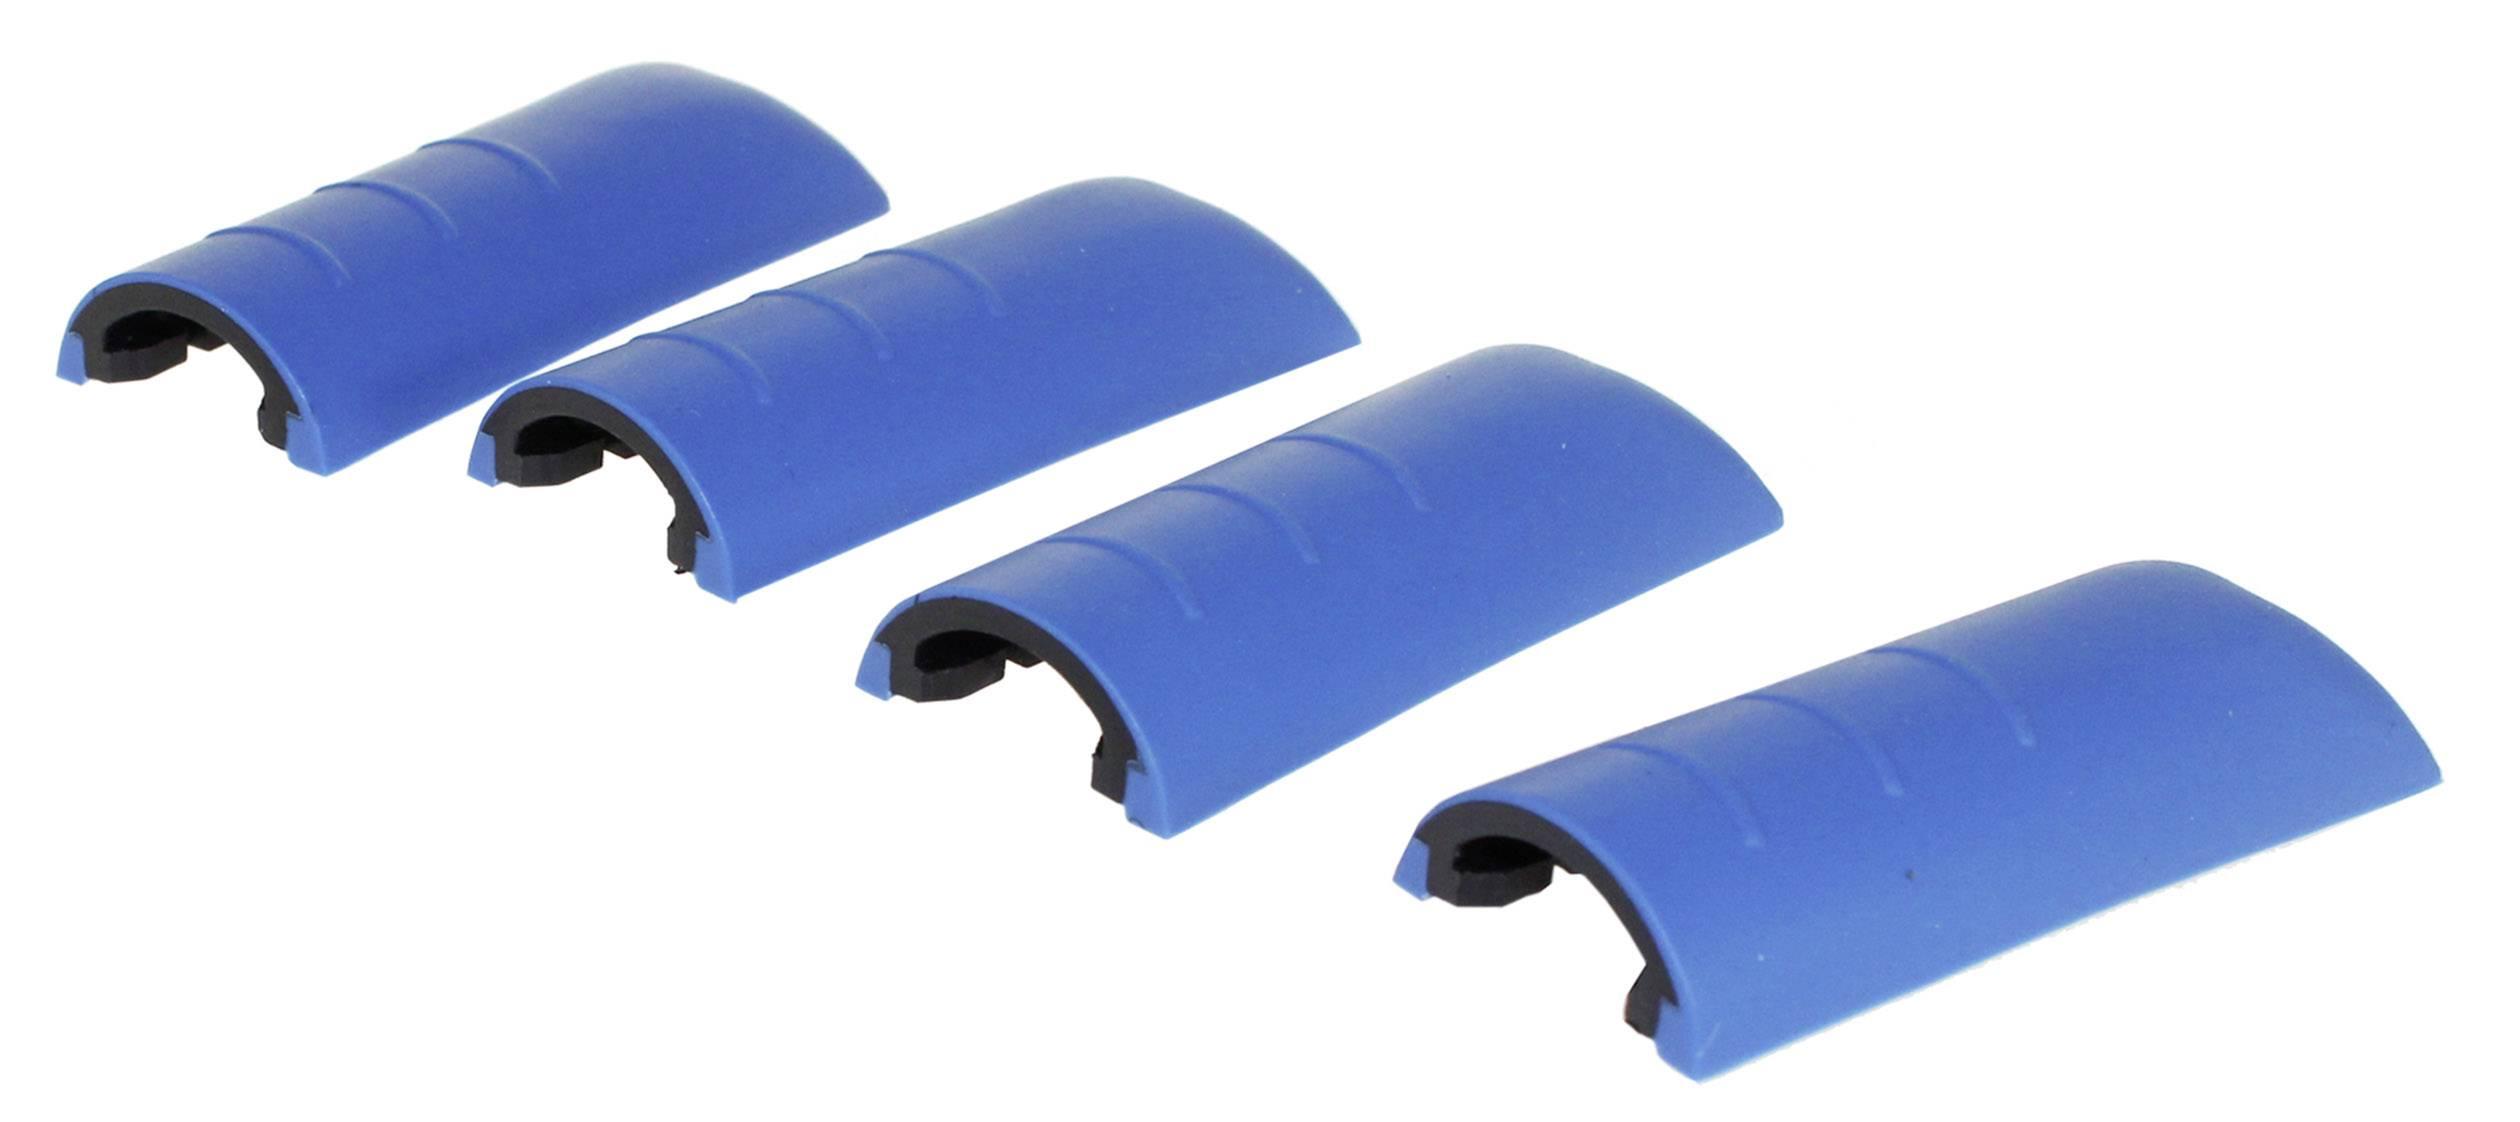 Chrániče rohů skříně Axxatronic CHH66C1BL, plast, modrá, 4 ks